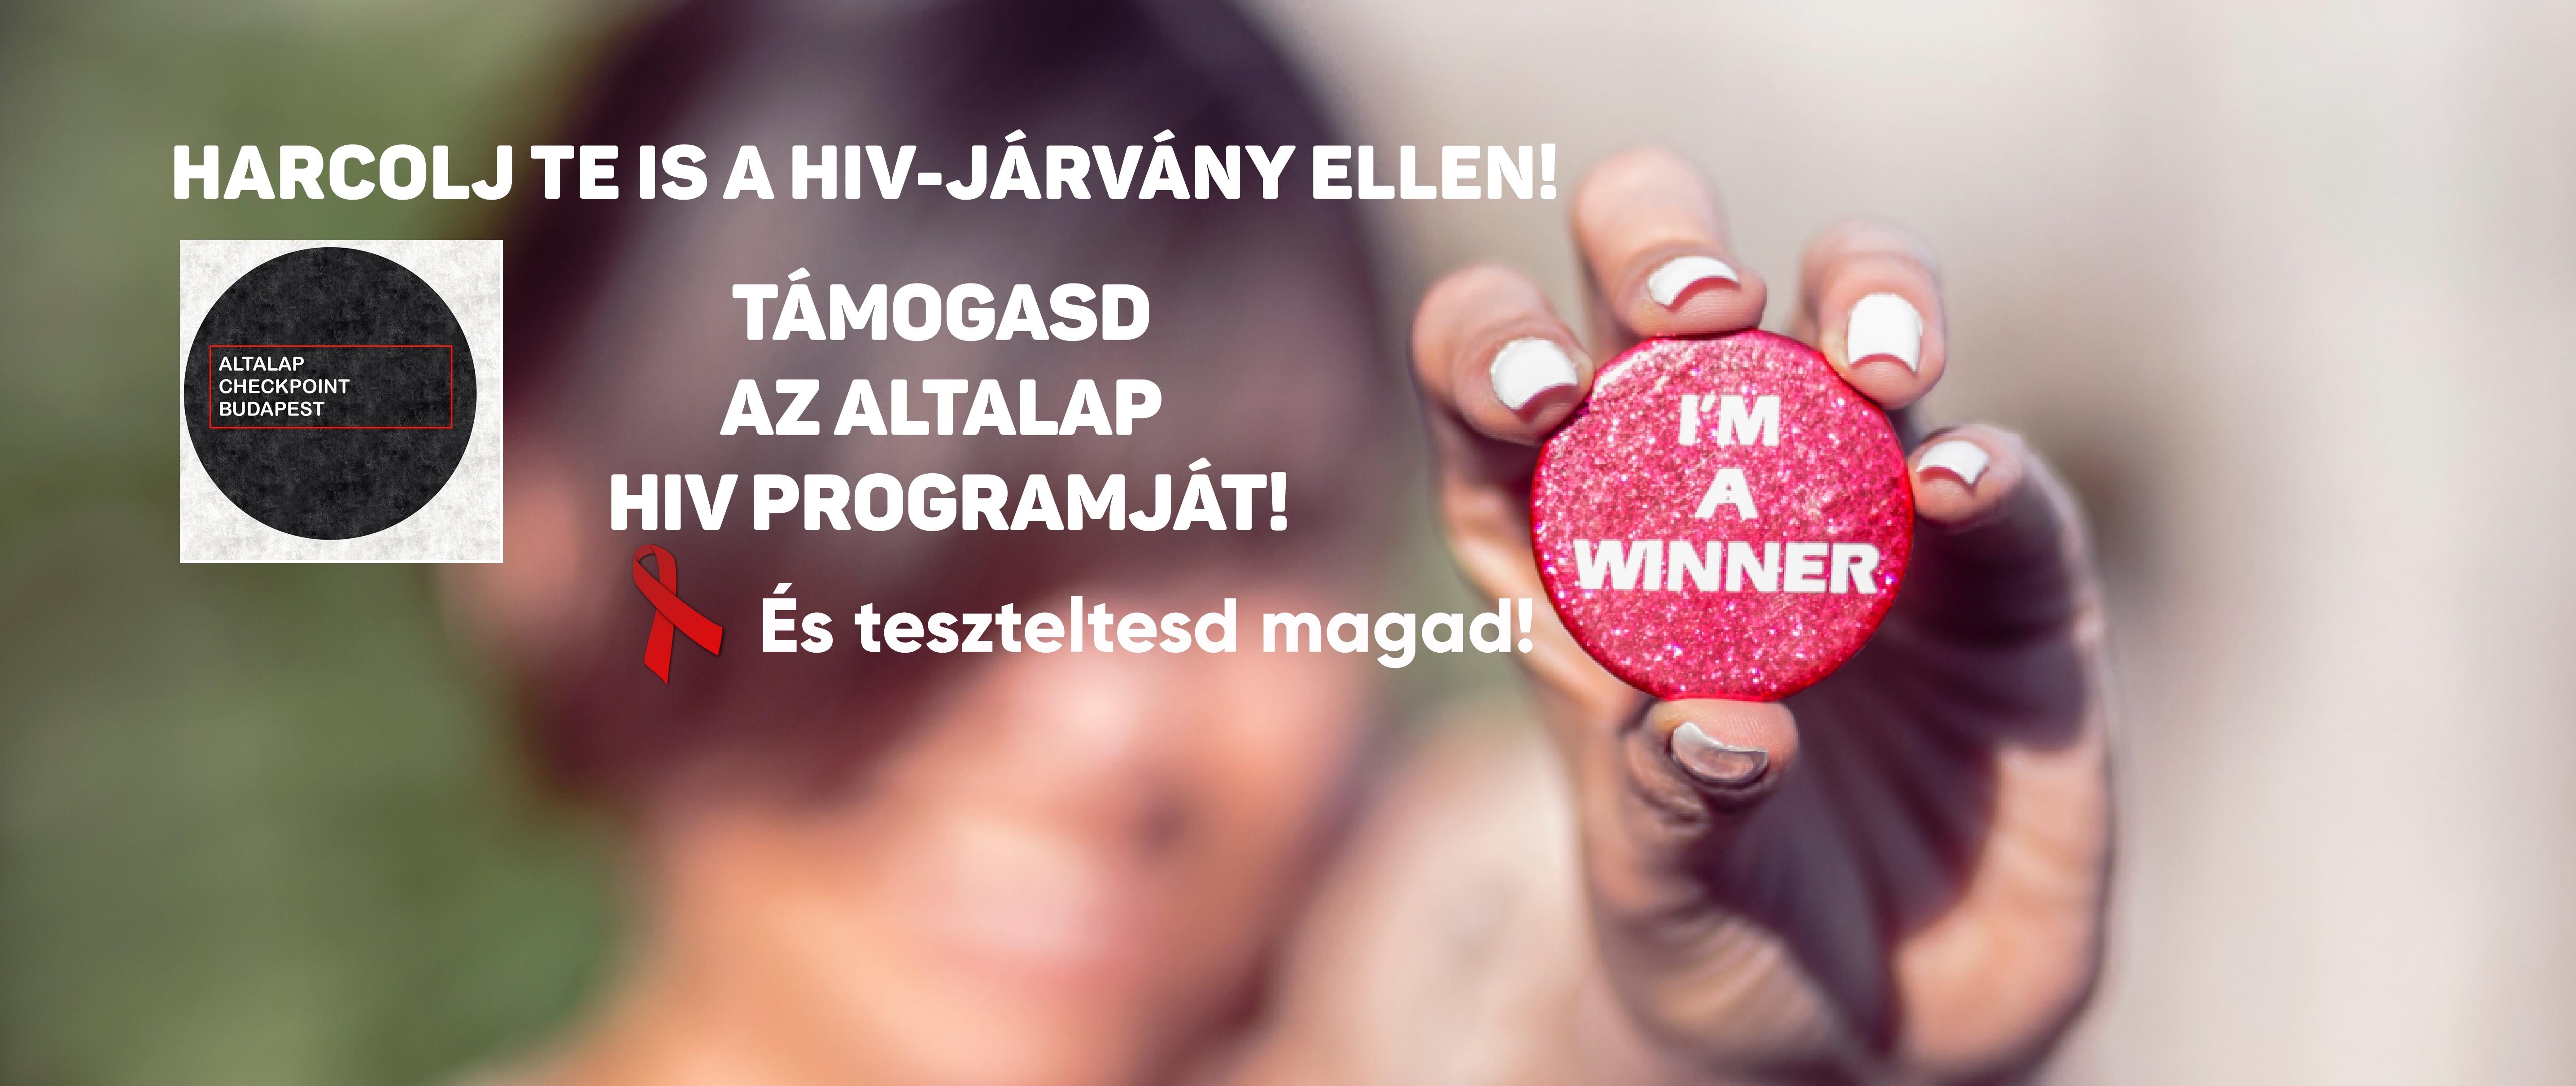 winner-szöveggel-Fotor